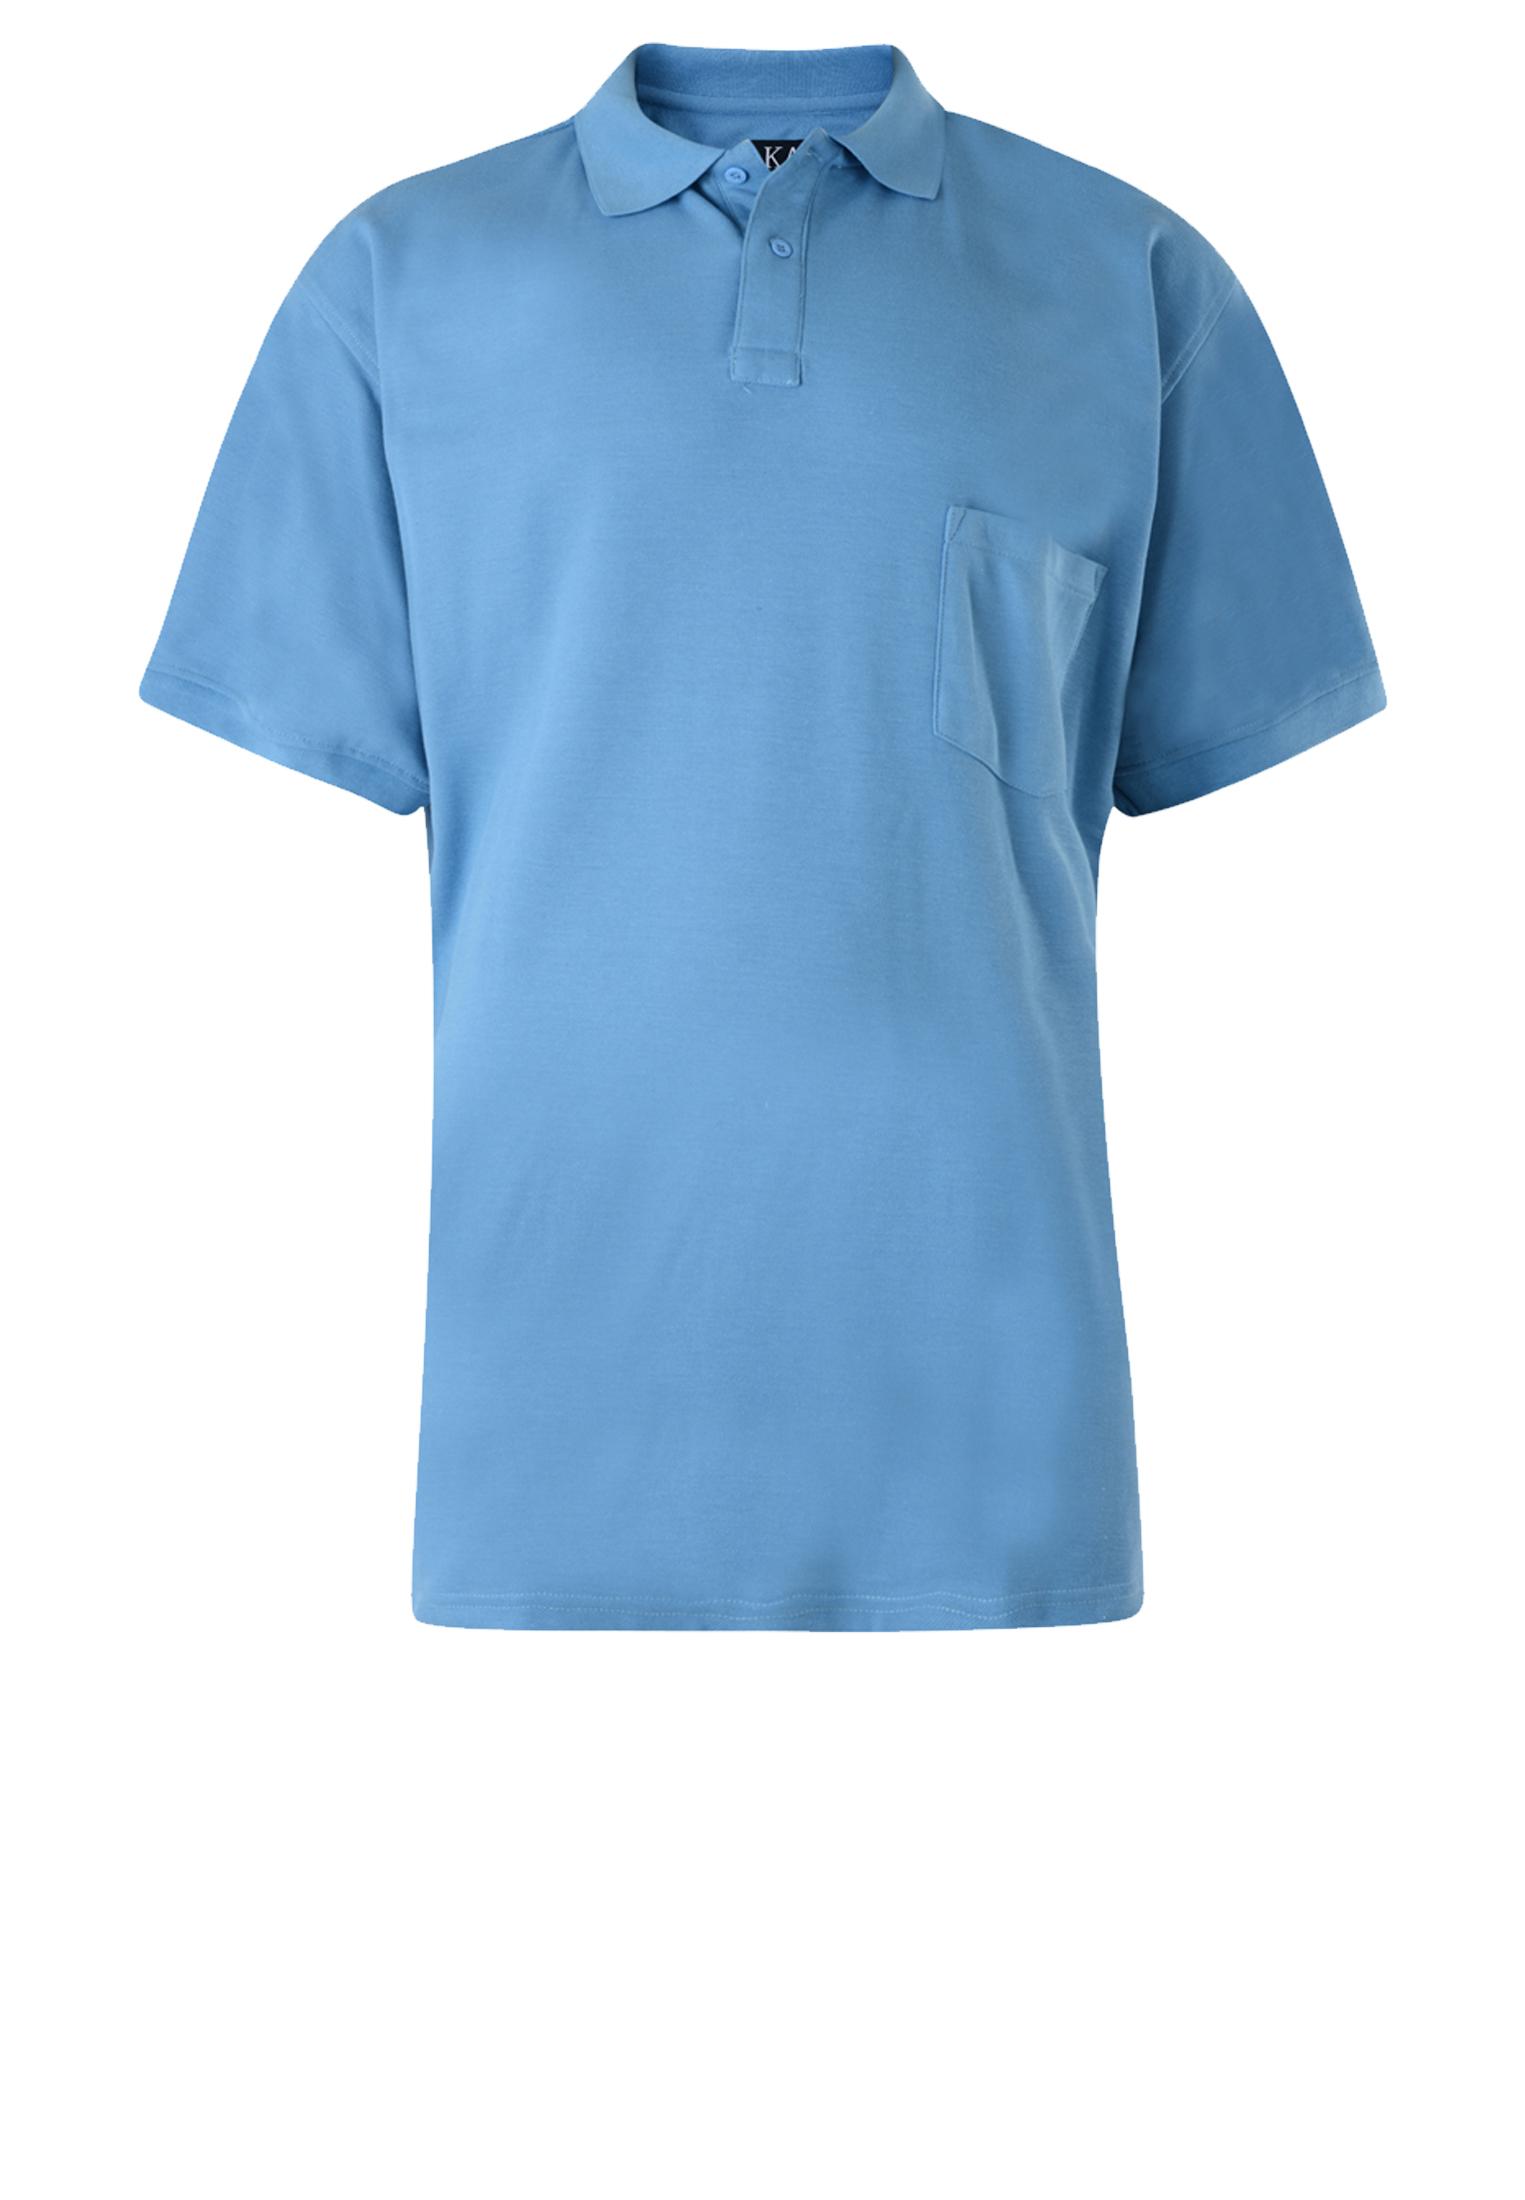 Effen polo van het merk KAM JEANSWEAR met een borstzakje op de linkerborst en een 3-knoopslijst. In de kleur licht blauw.